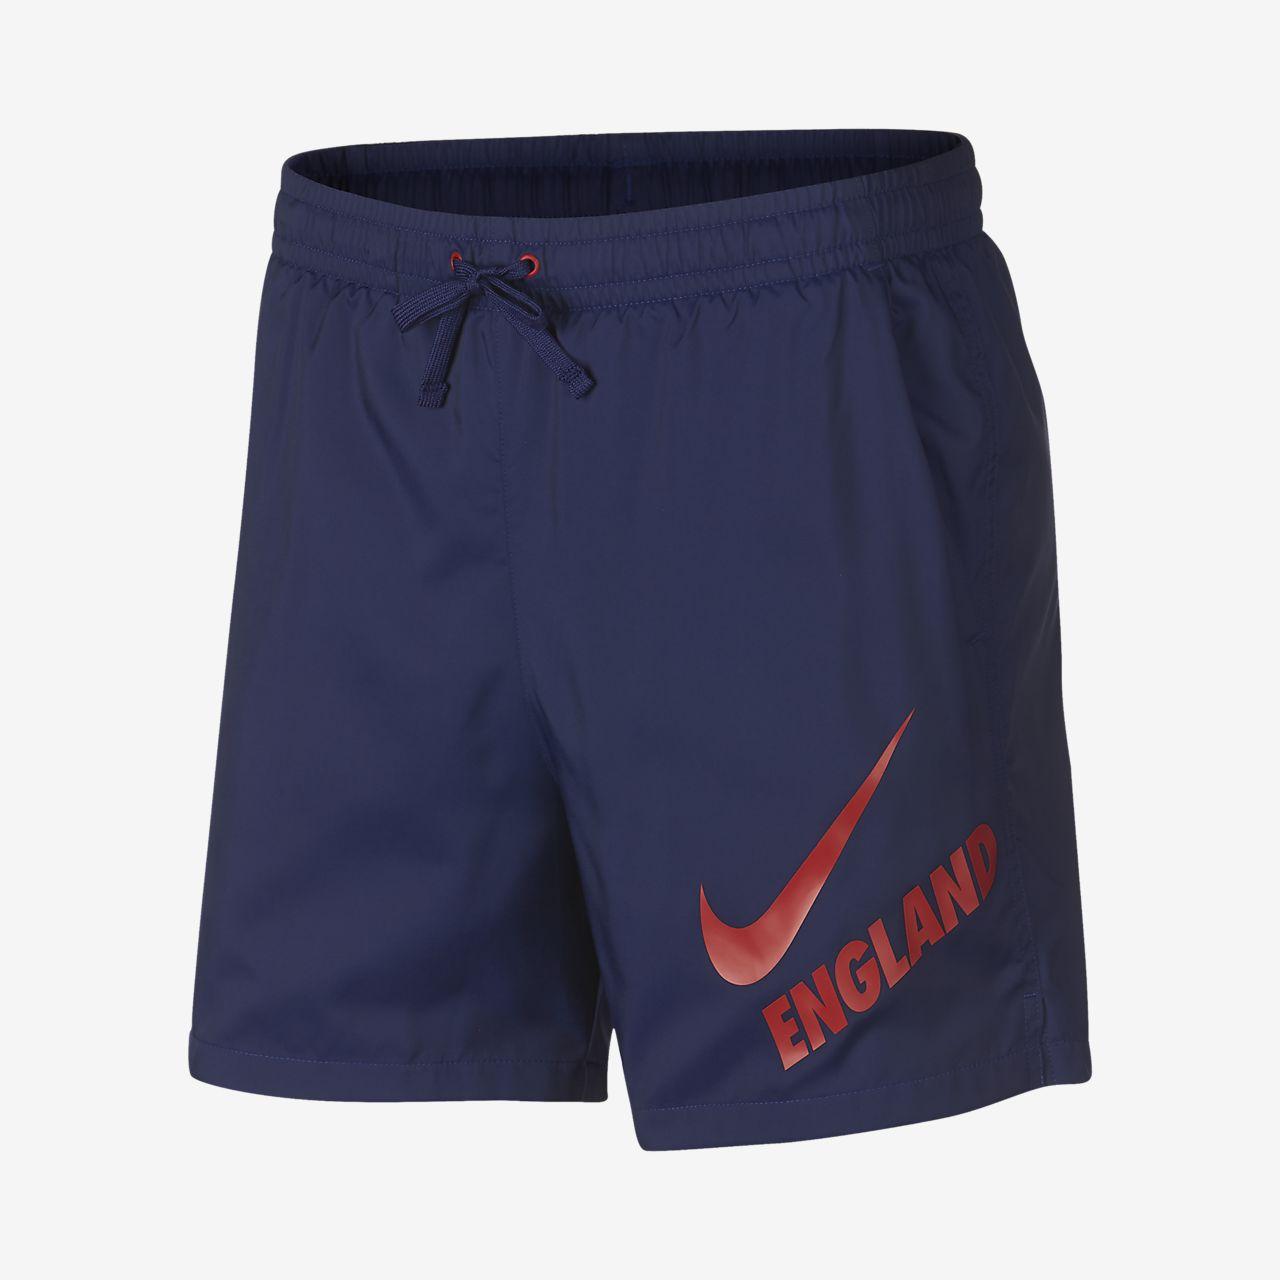 England vevd shorts til herre